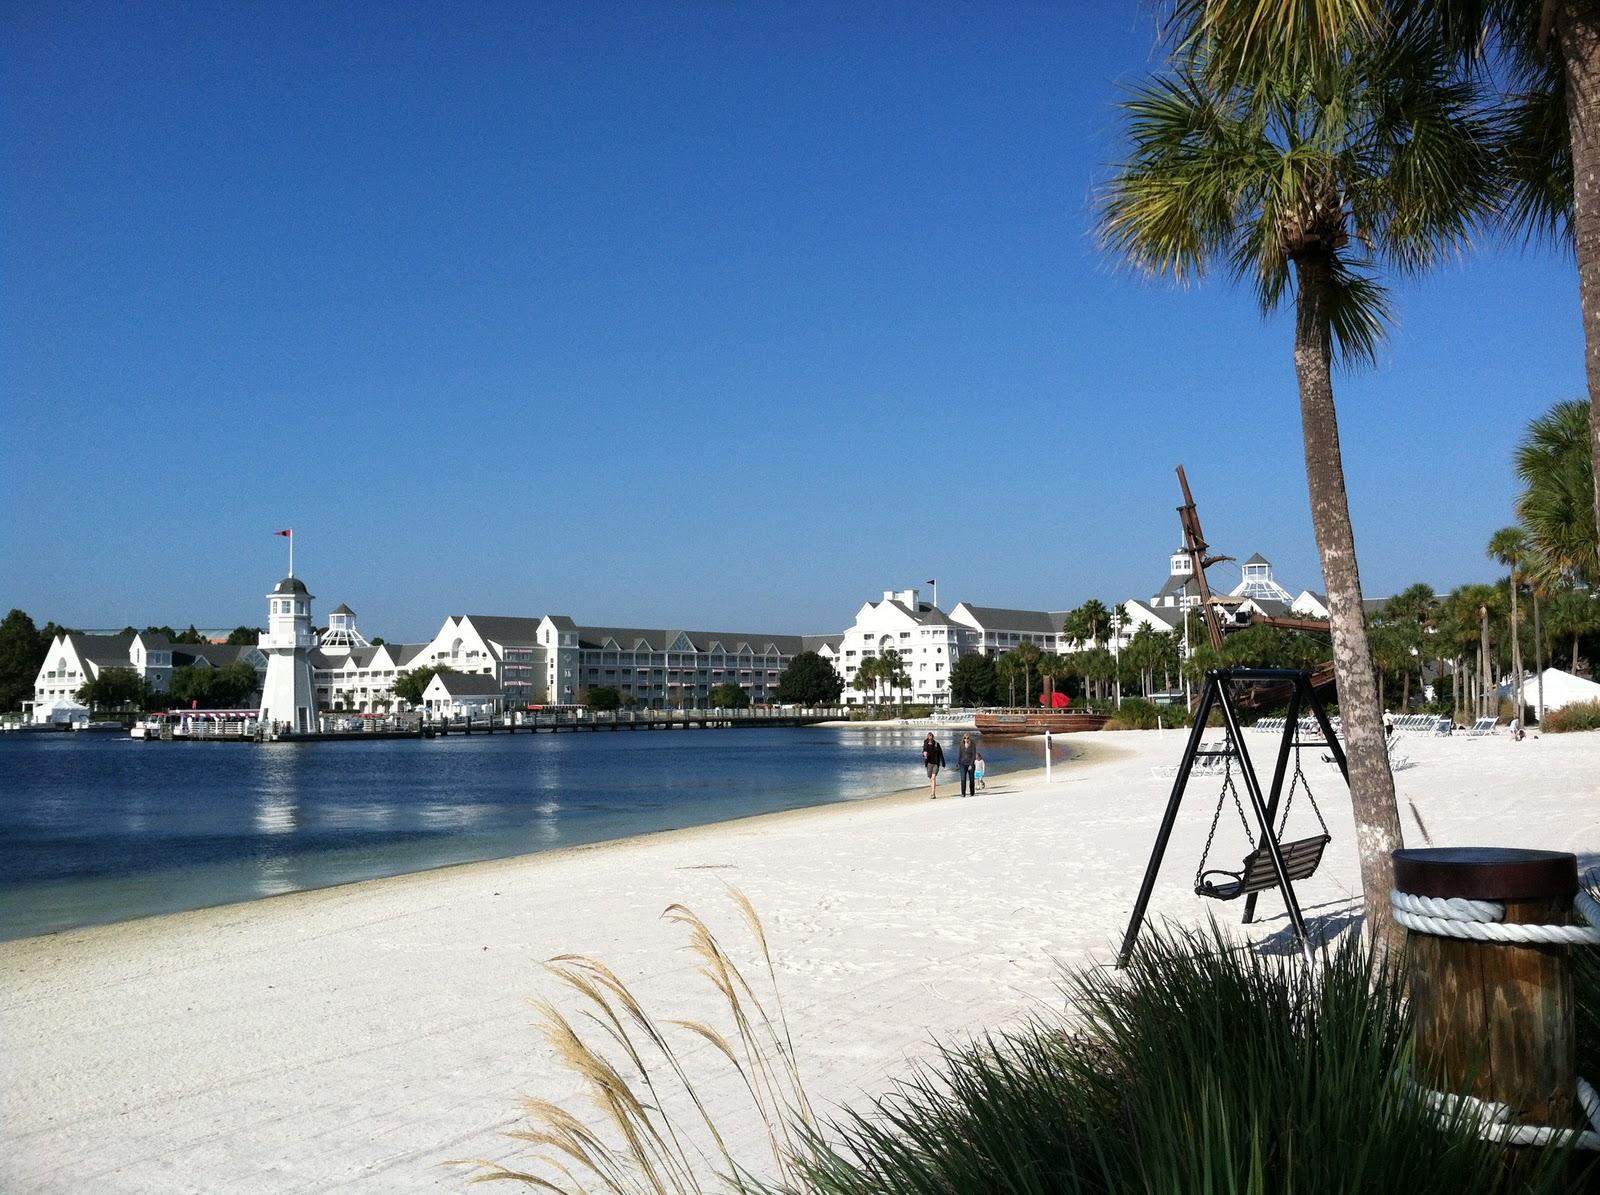 Disney Yacht Beach Club